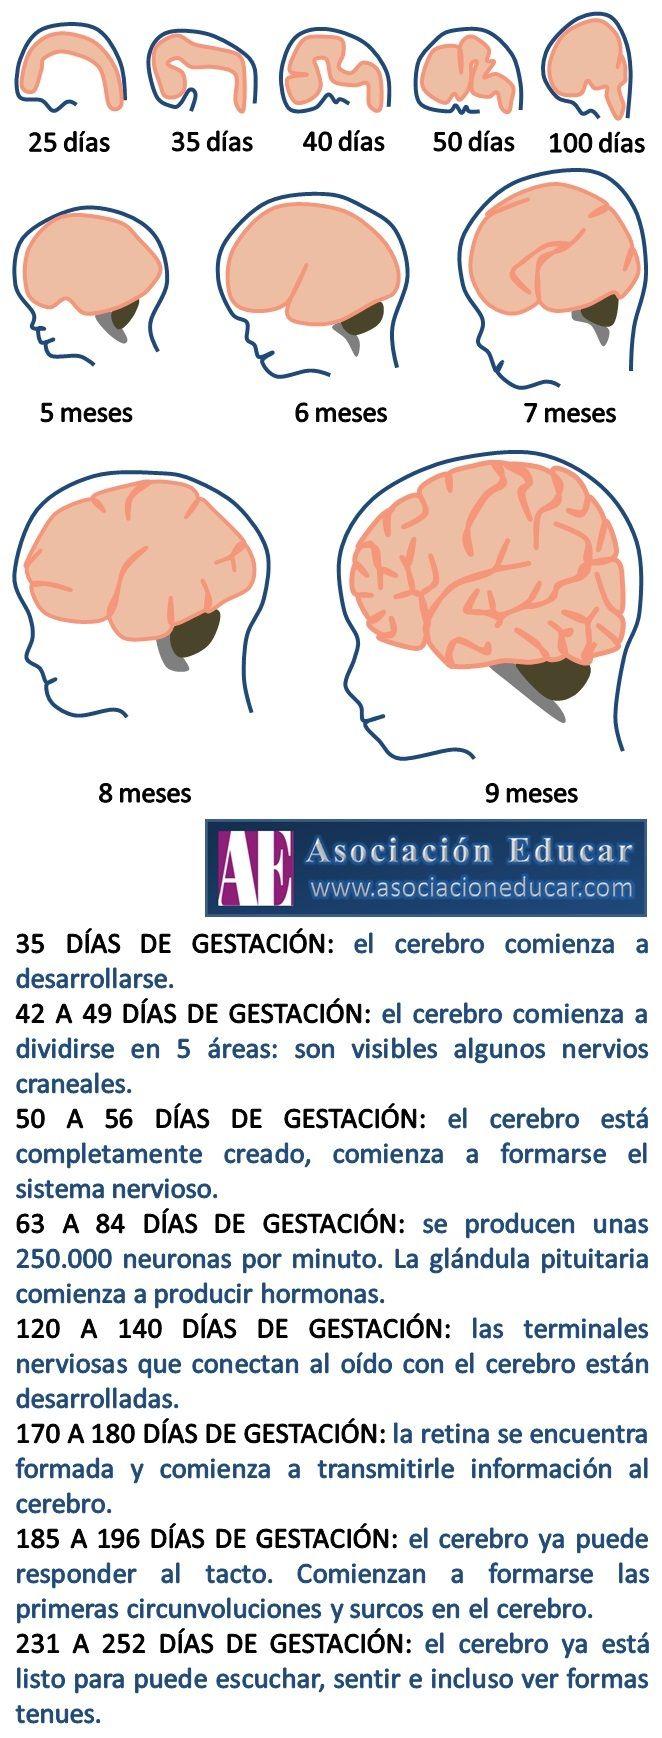 Infografía Neurociencias: Desarrollo cerebral del feto. | Asociación Educar